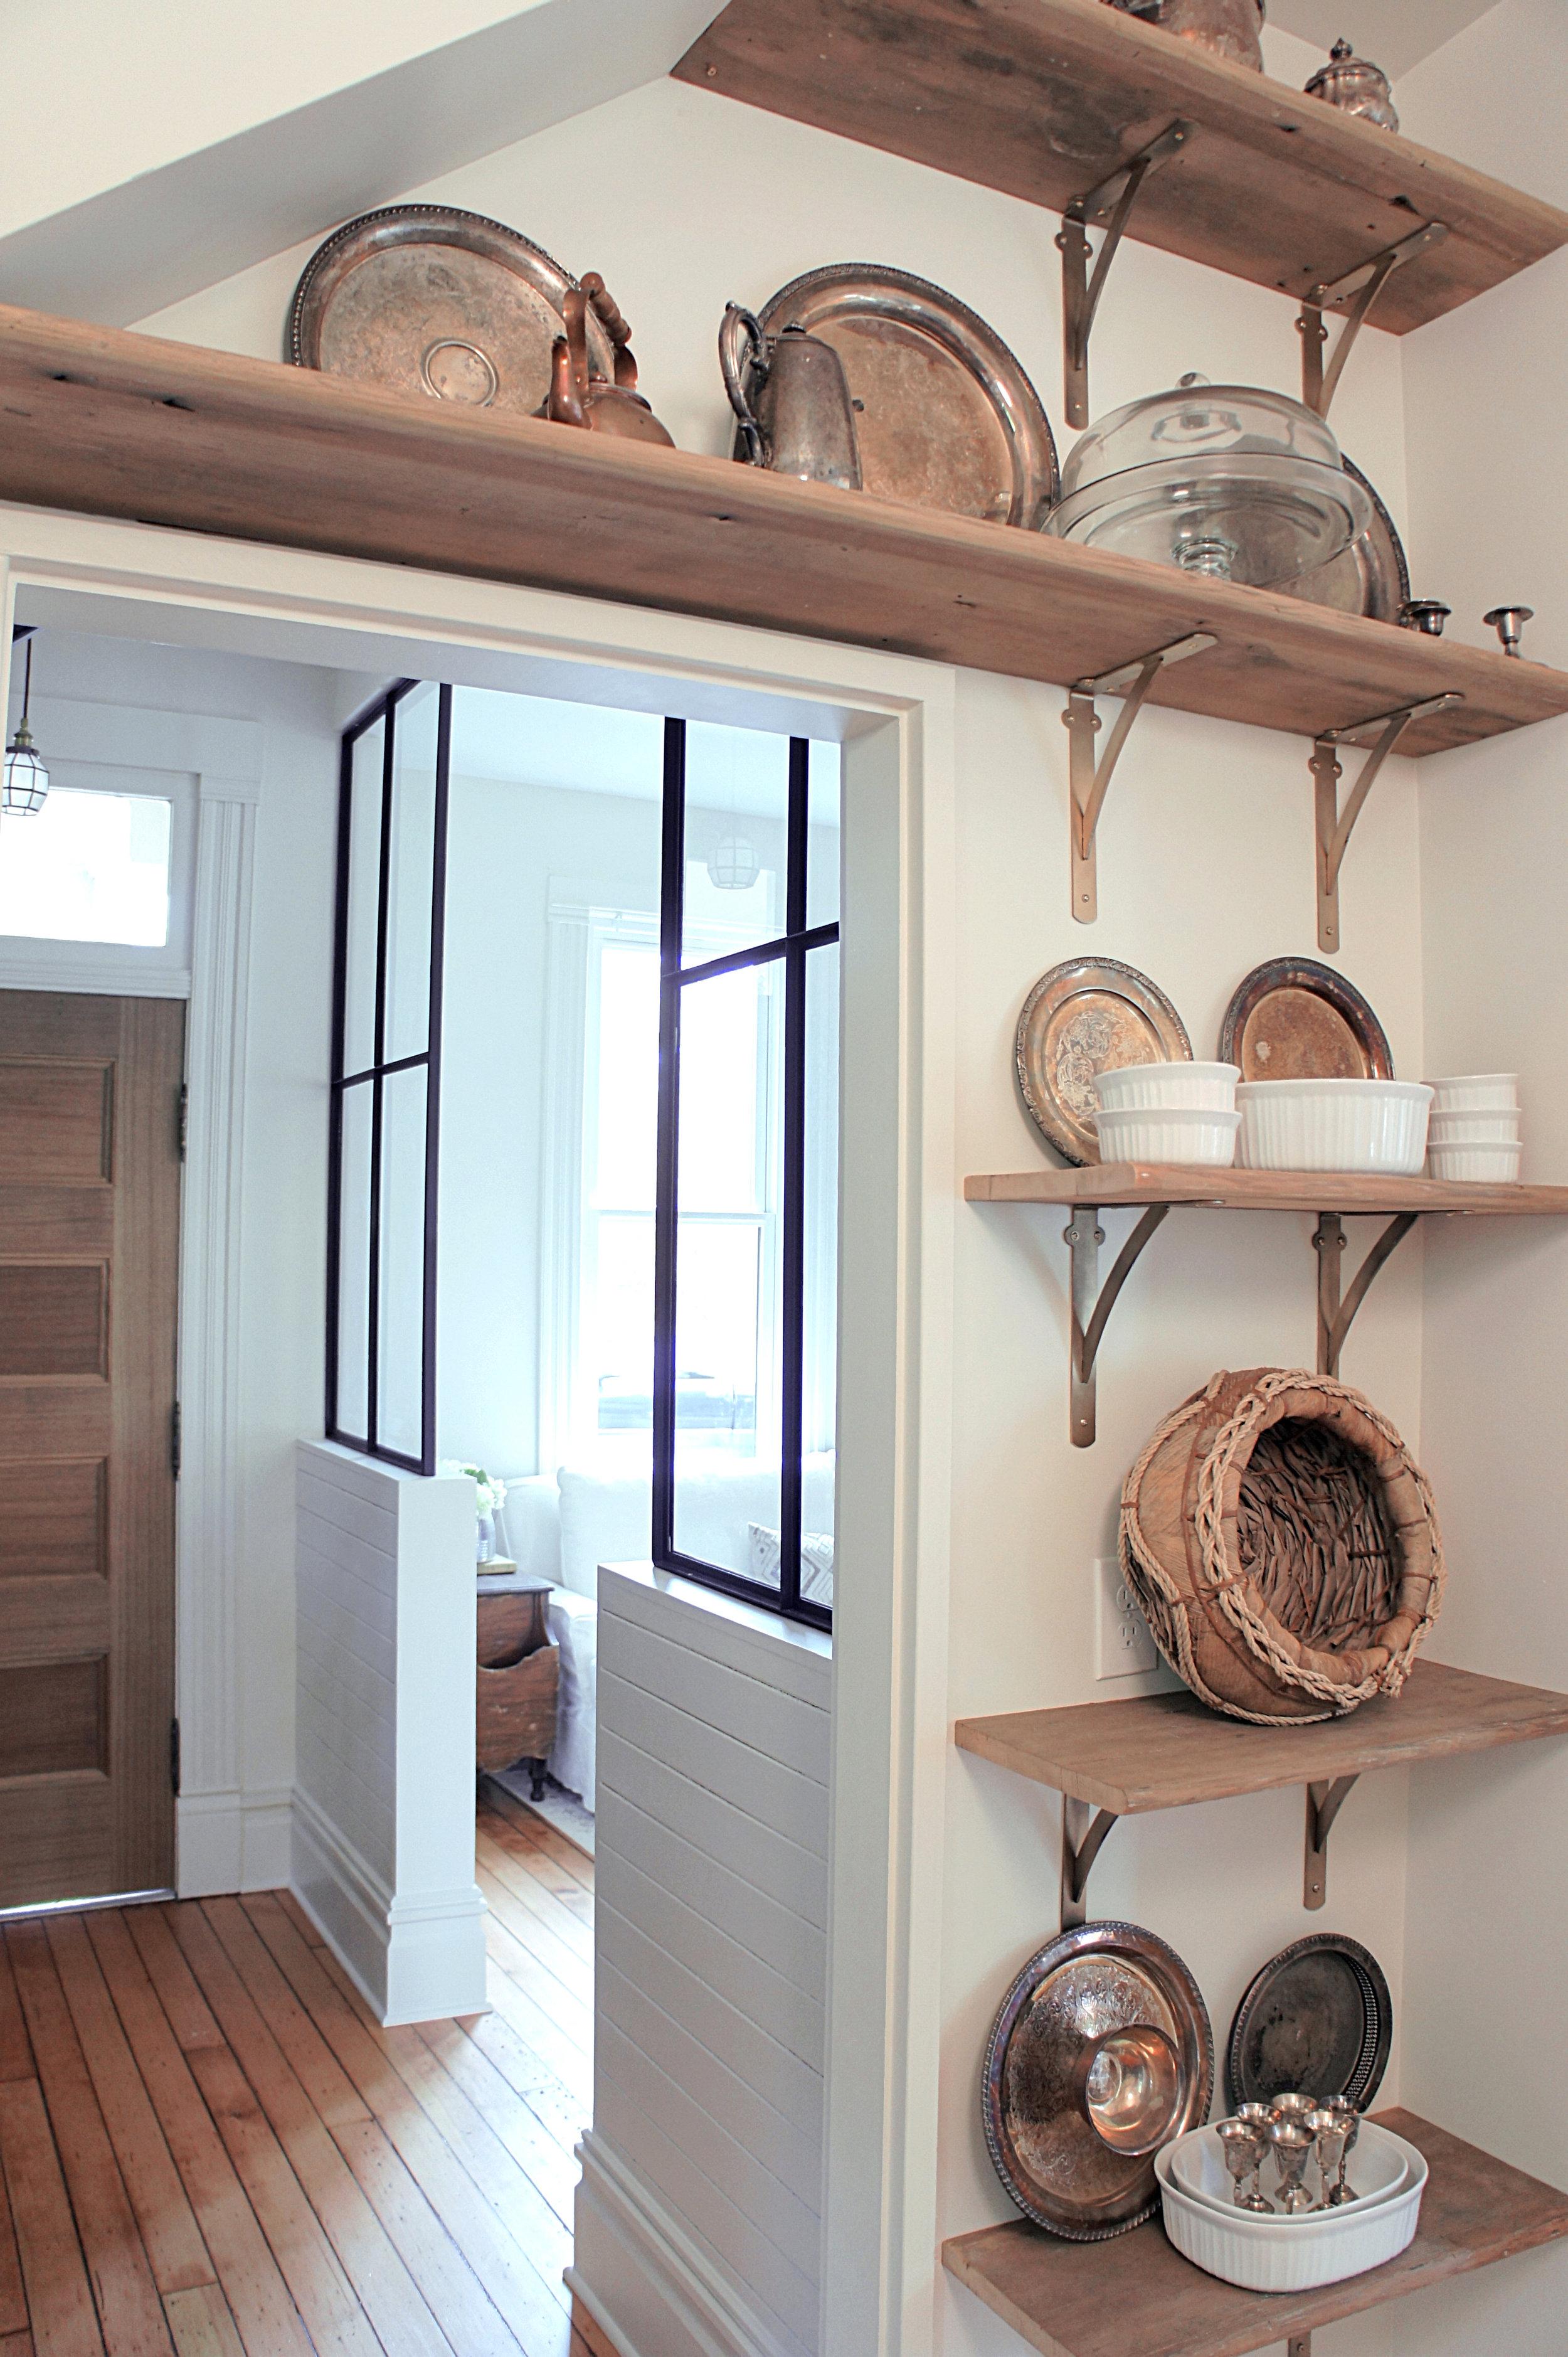 Kitchen Shelving by Kaemingk Design